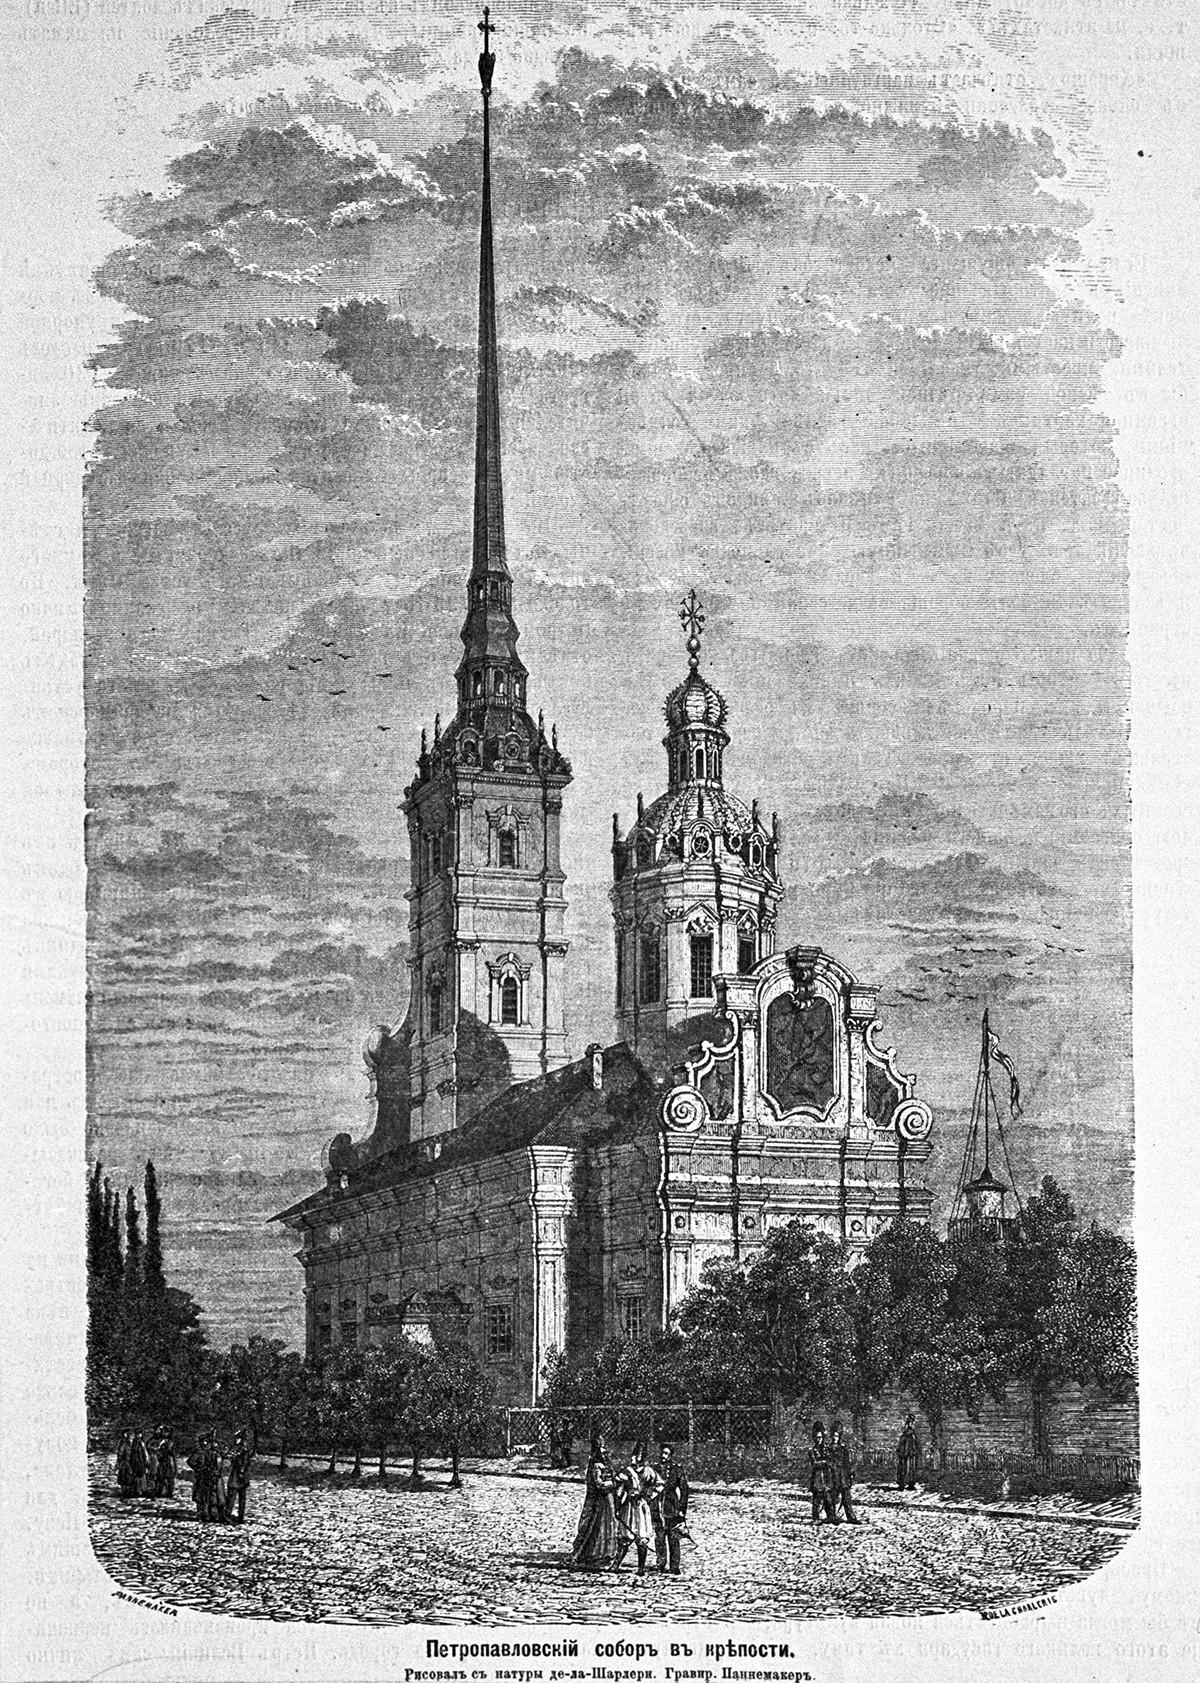 """Репродукција на гравура од XIX век """"Петропавловскиот храм во Петербург"""". Историски музеј во Москва."""